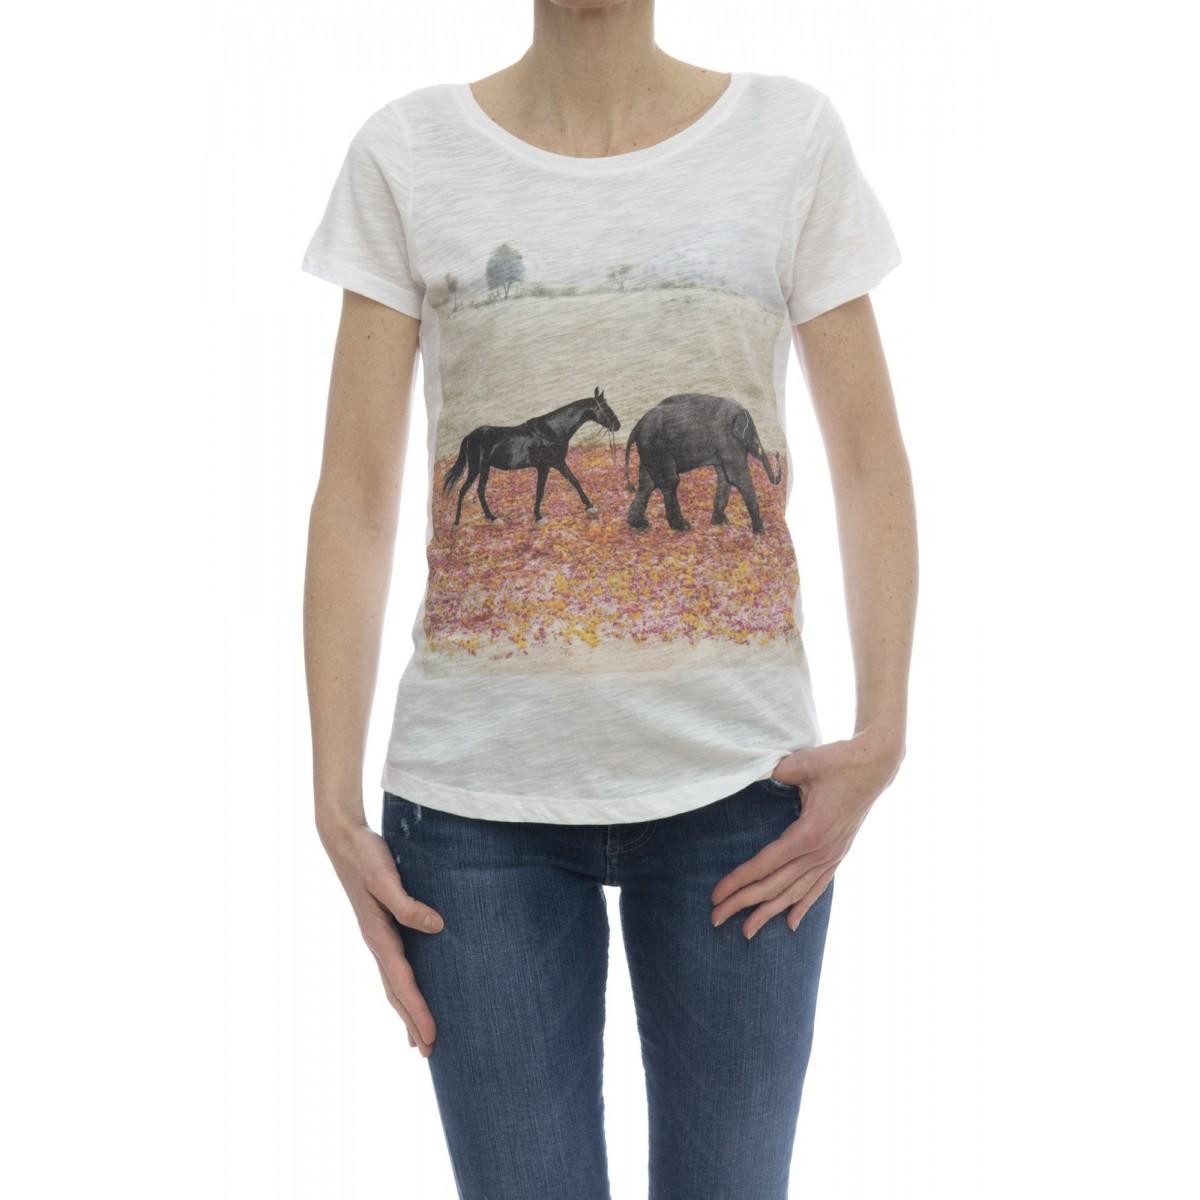 T-shirt - Savage t-shirt stampa bianco